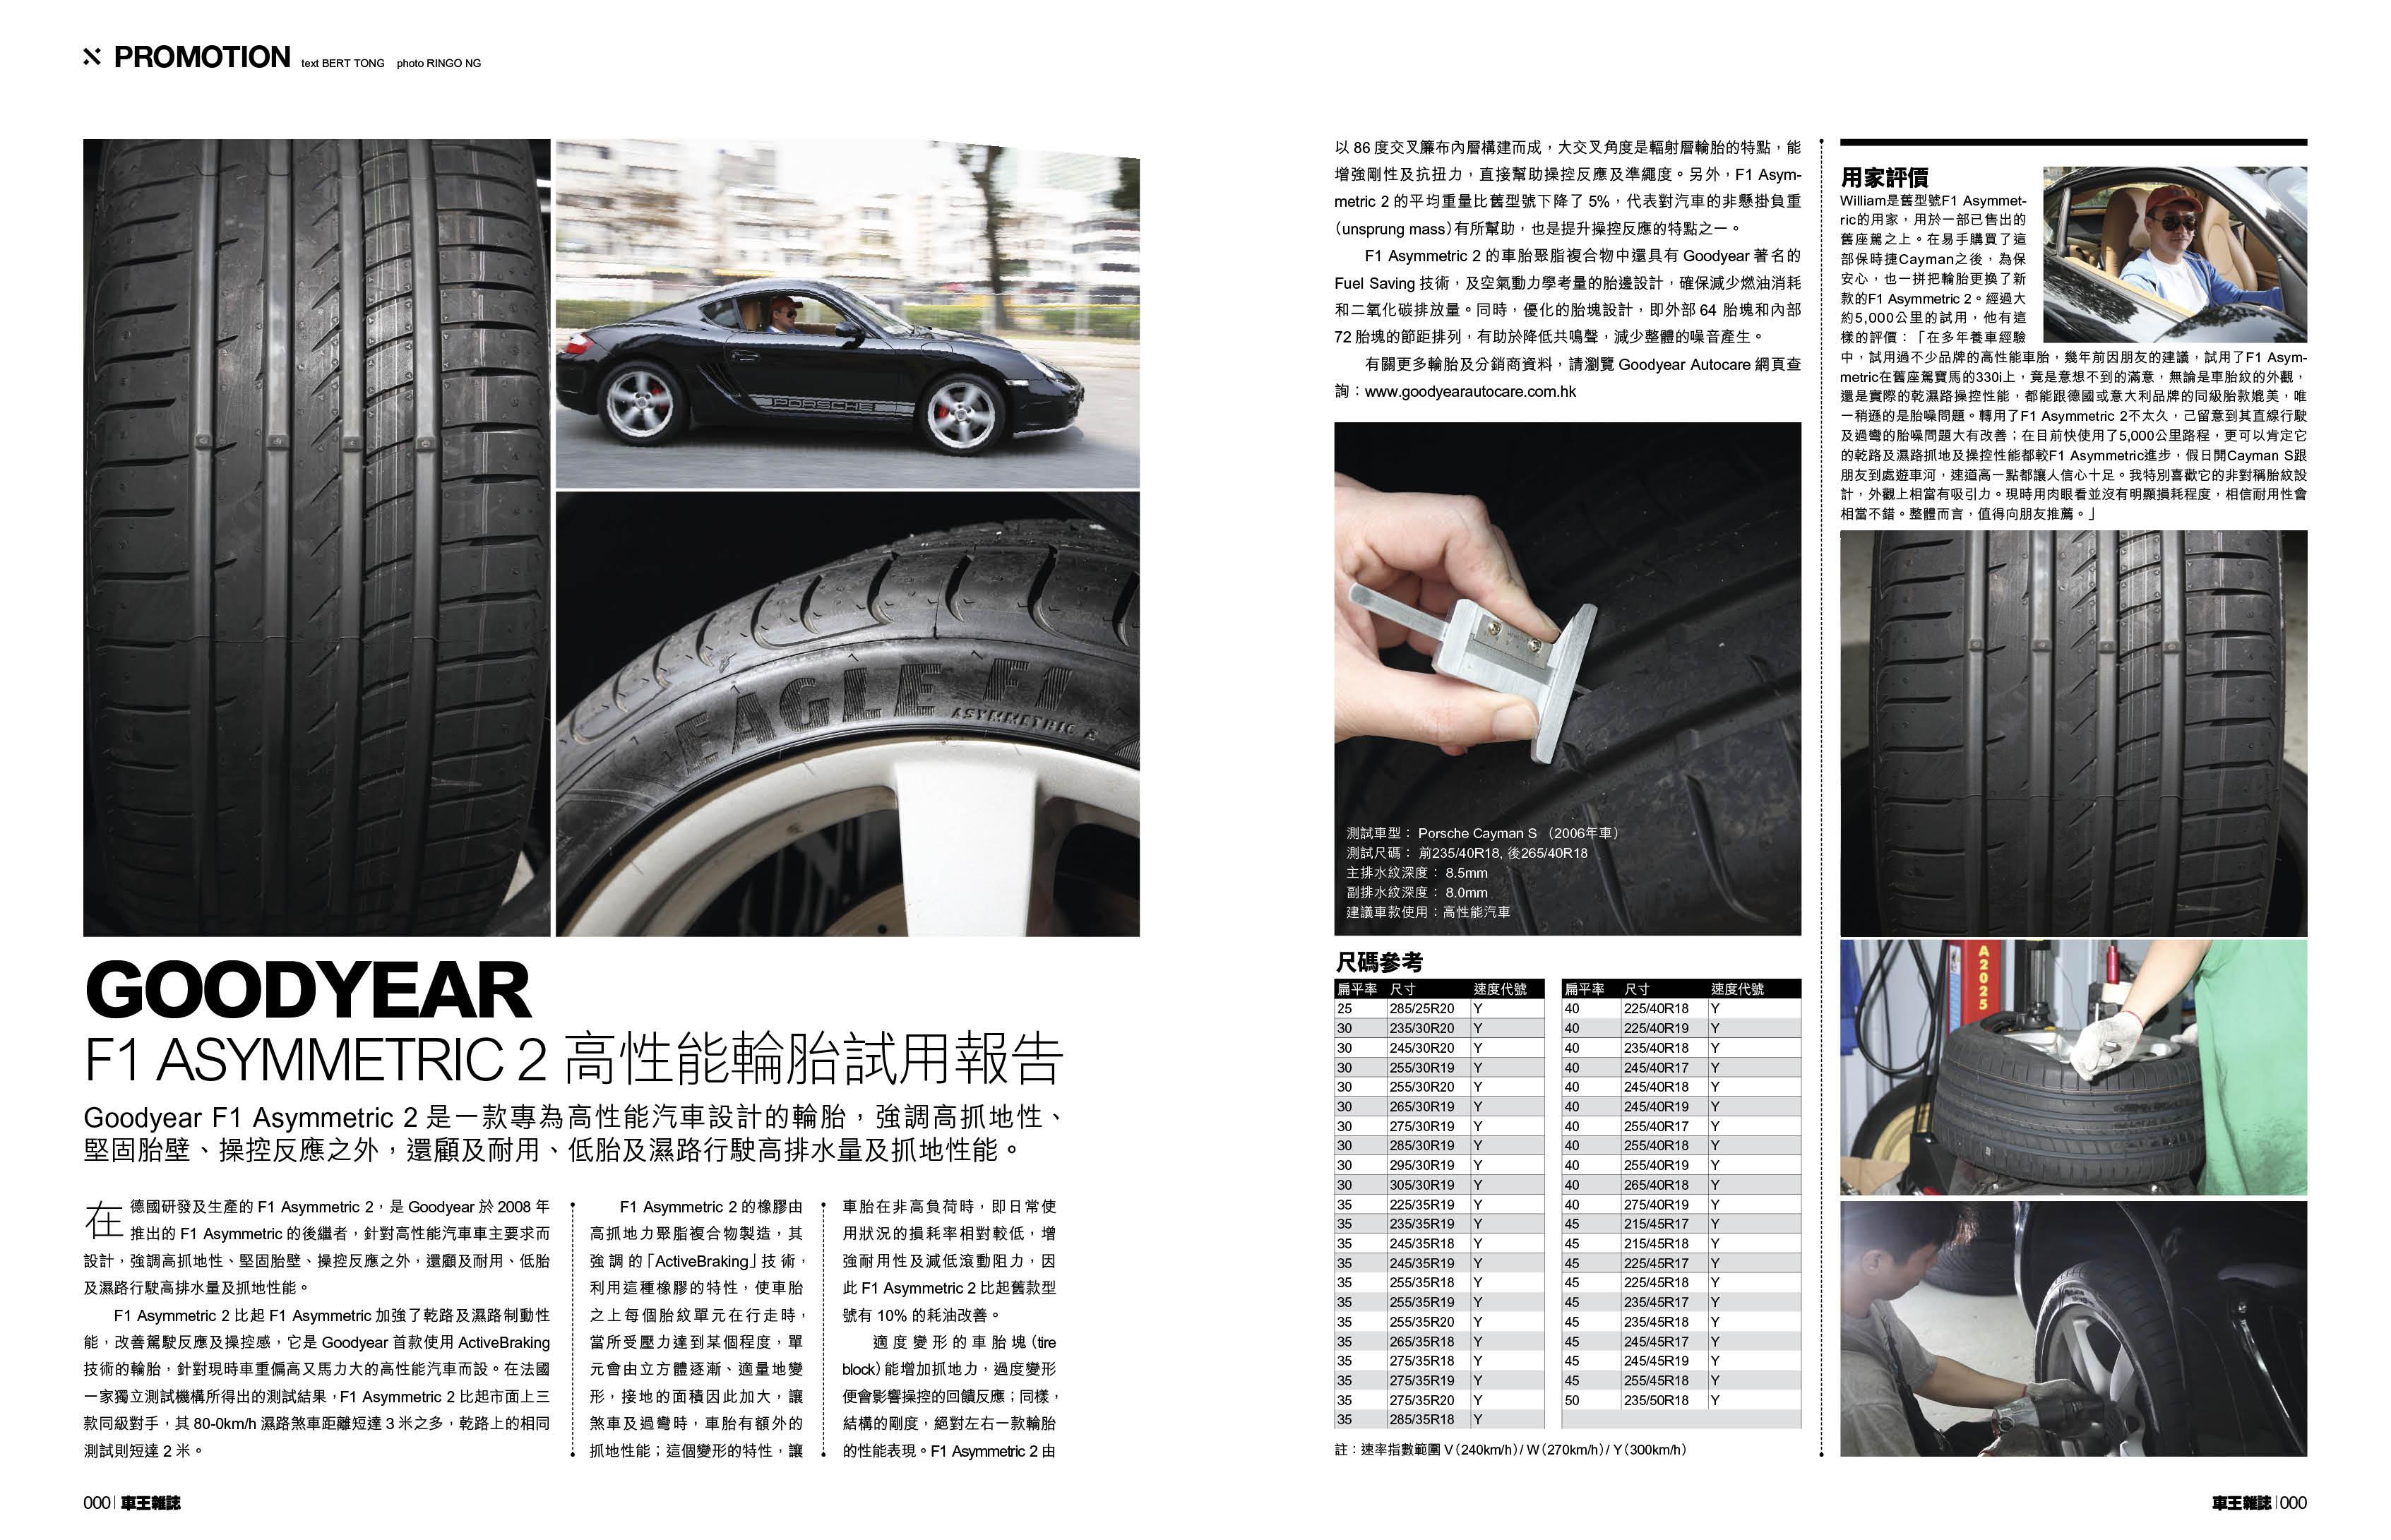 車王雜誌CarPlus 2013年01月15日 - GOODYEAR F1 ASYMMETRTC 2 高性能輪胎試用報告